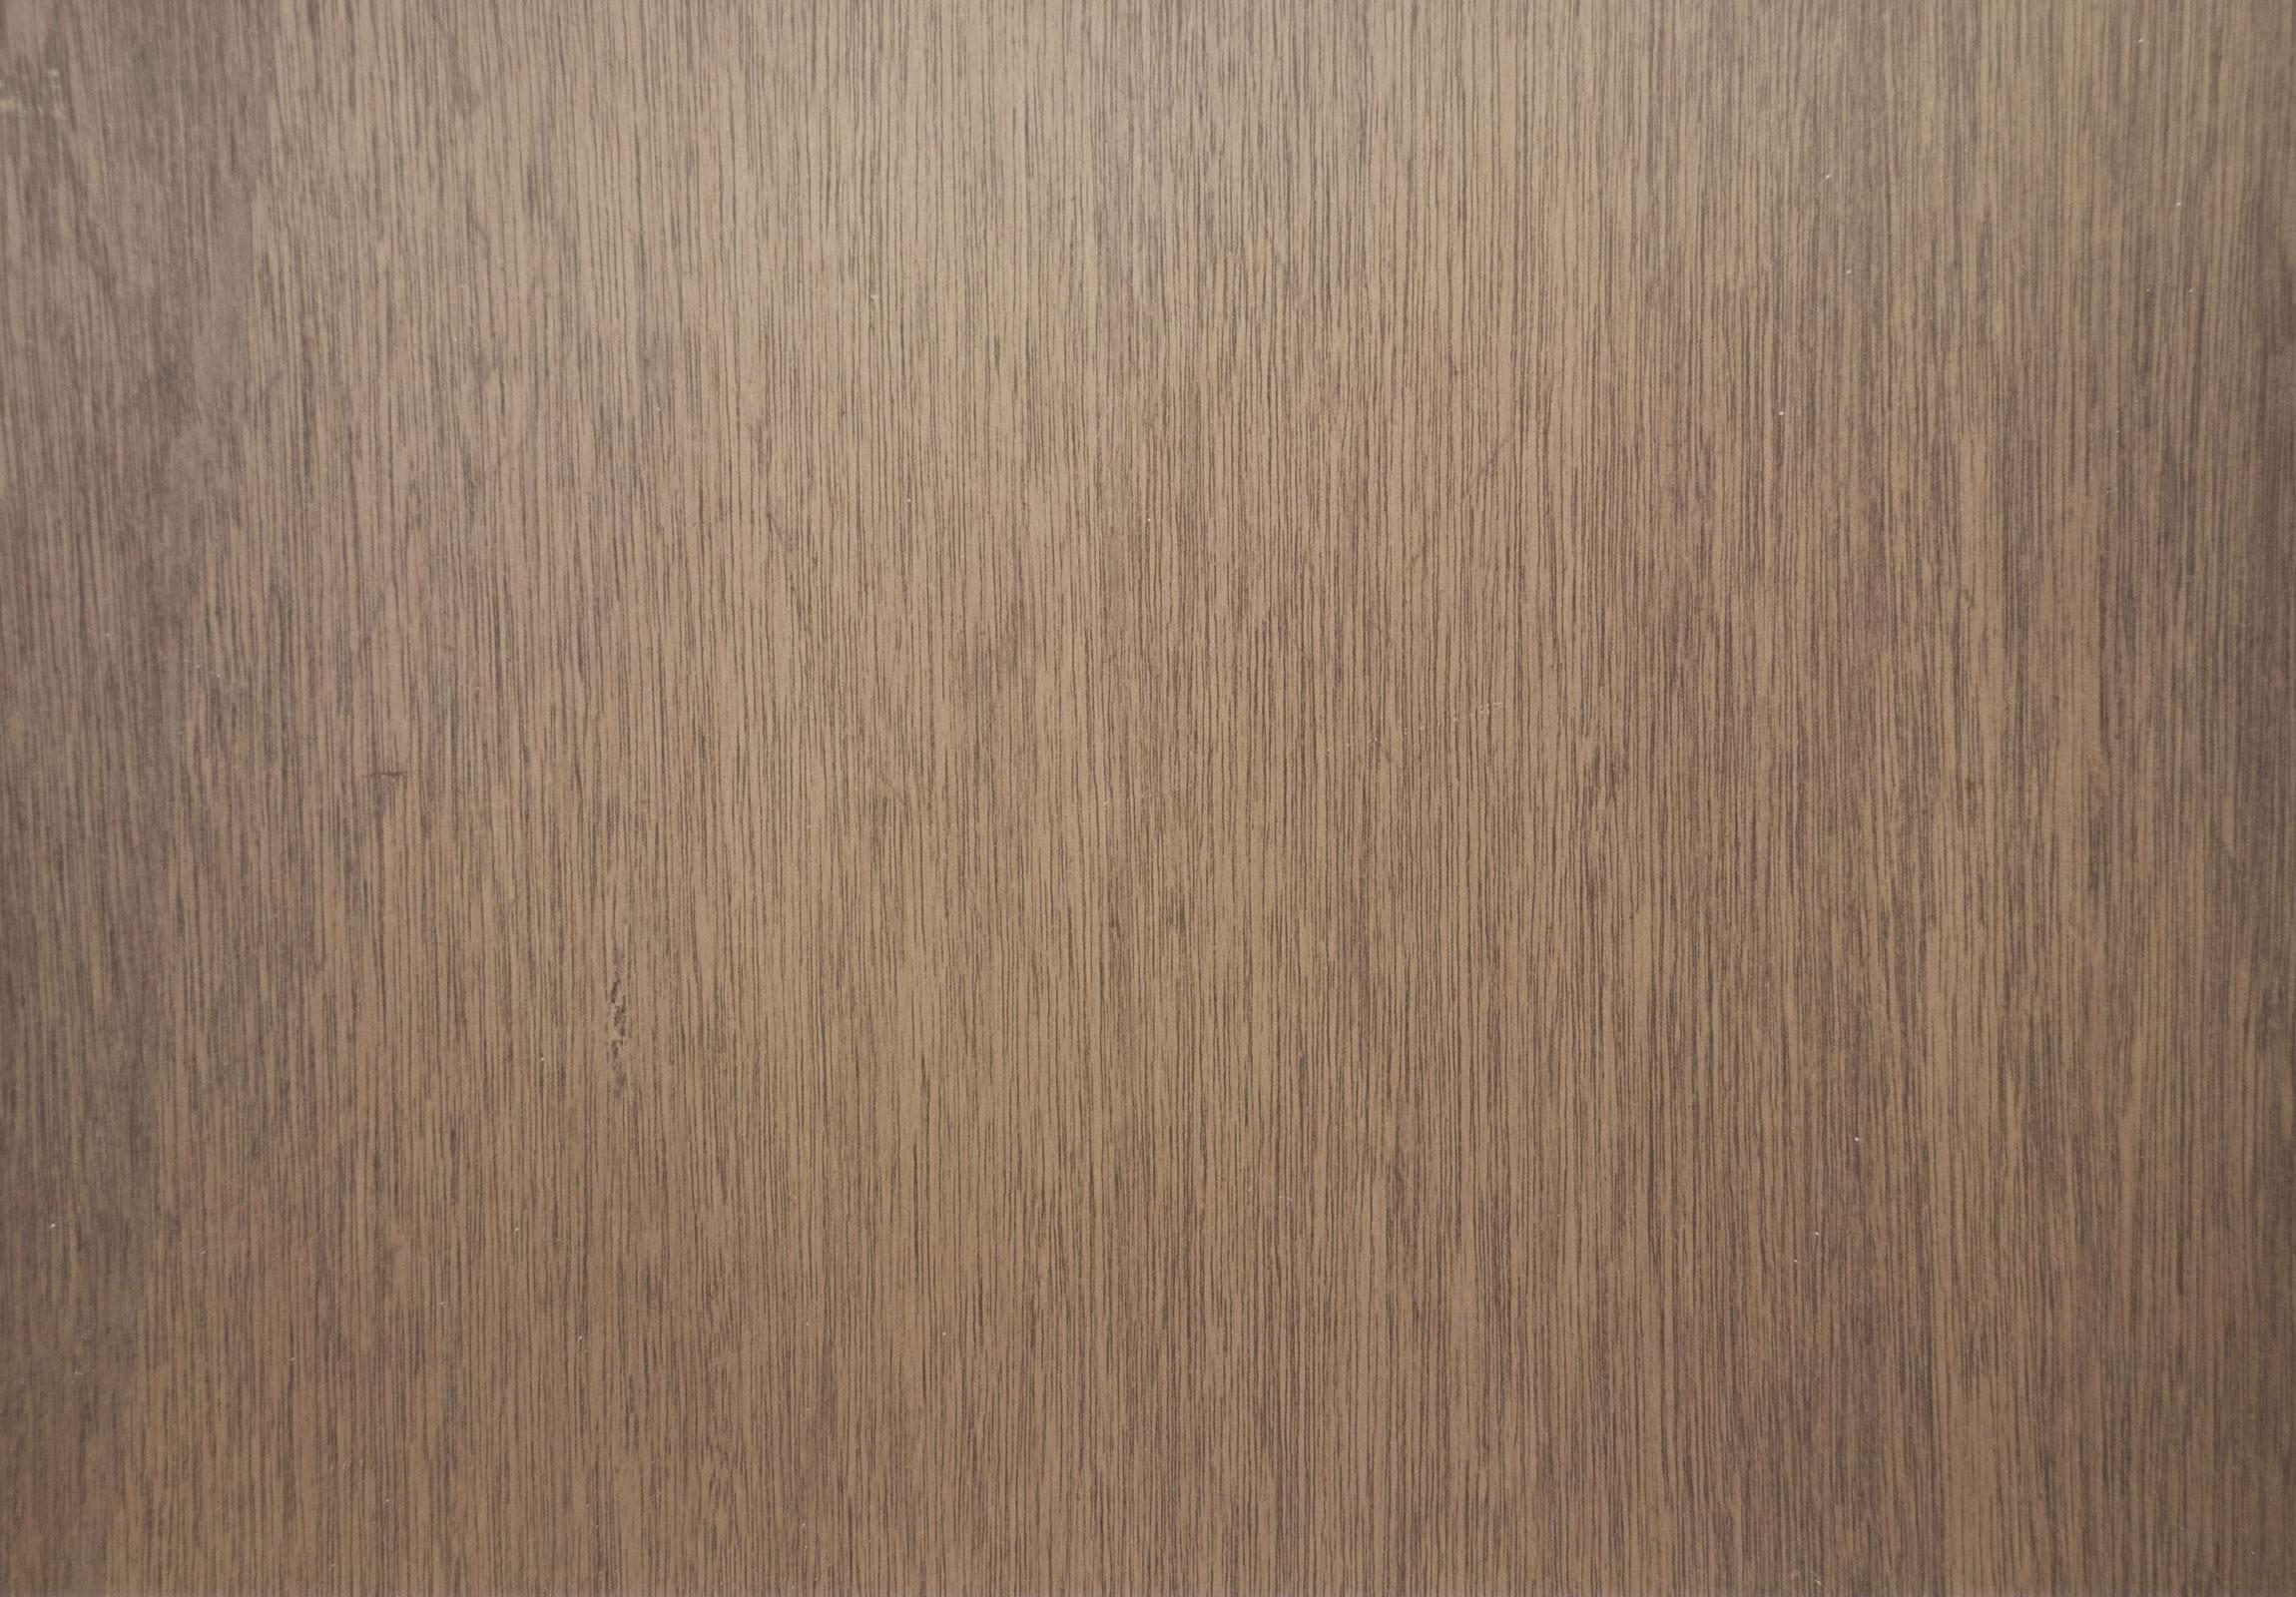 무료 이미지 : 갈색, 견목, 텍스처, 합판, 나무 바닥, 라미네이트 ...